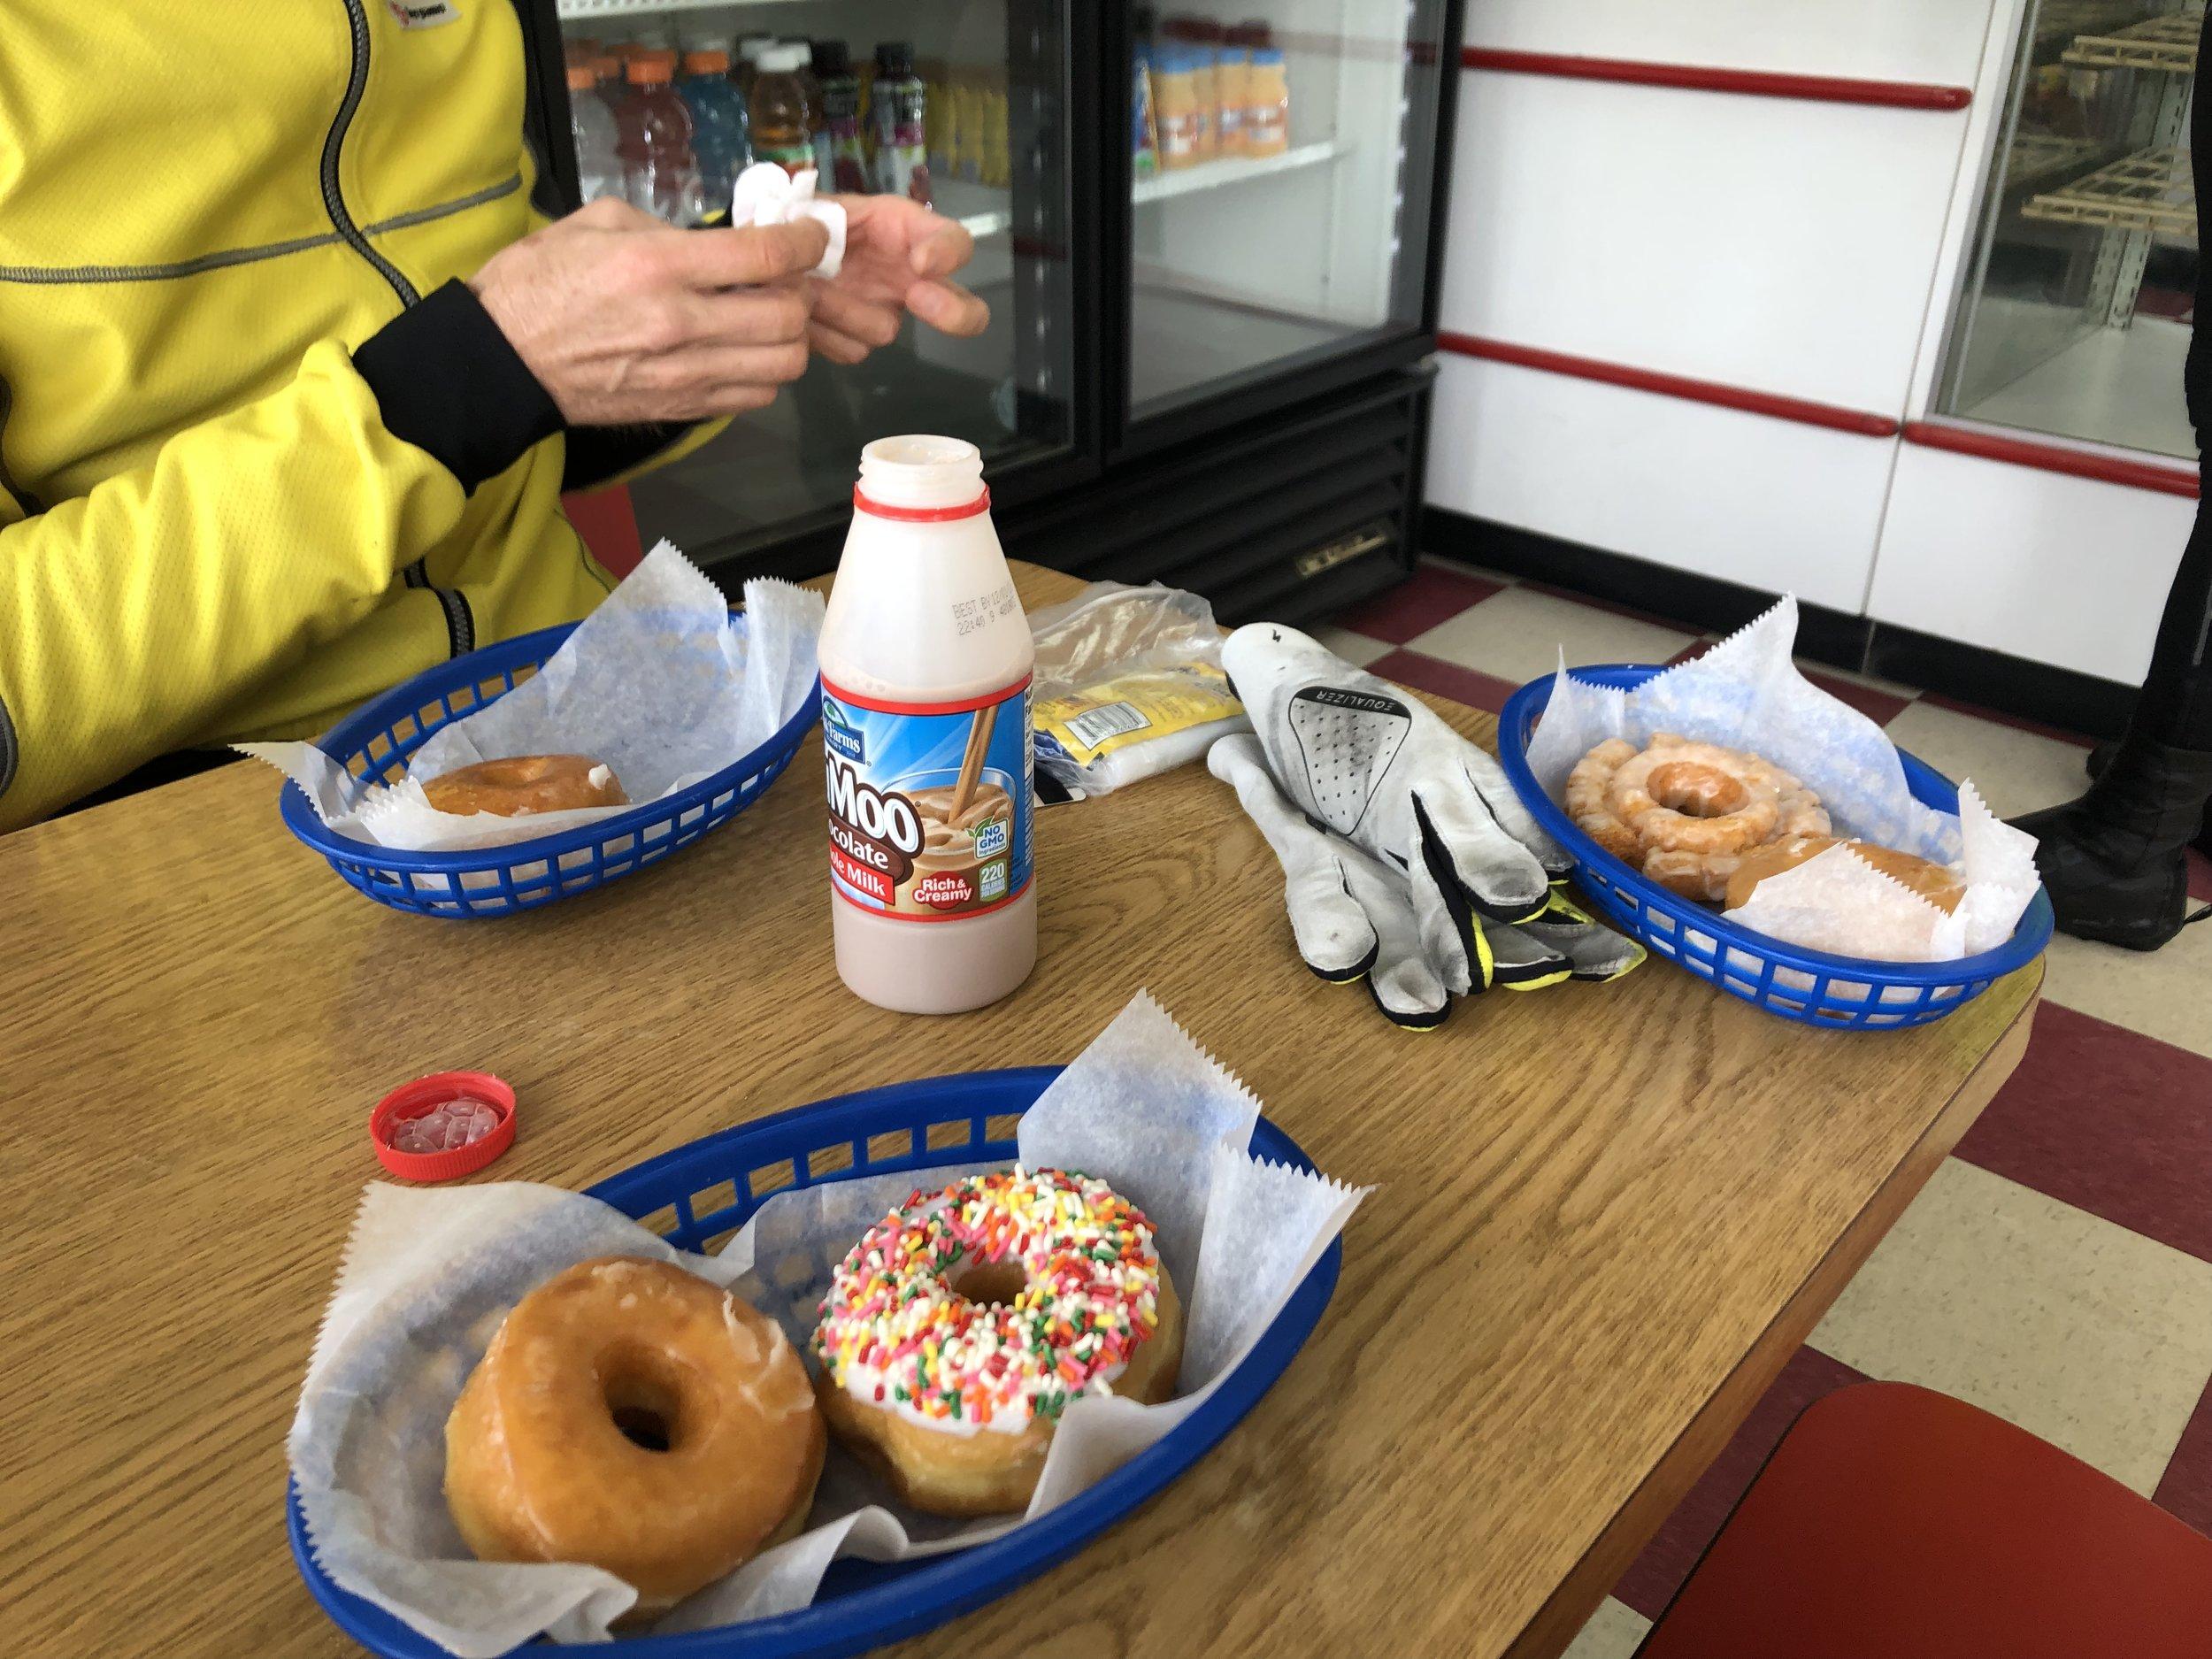 Quick donut break.